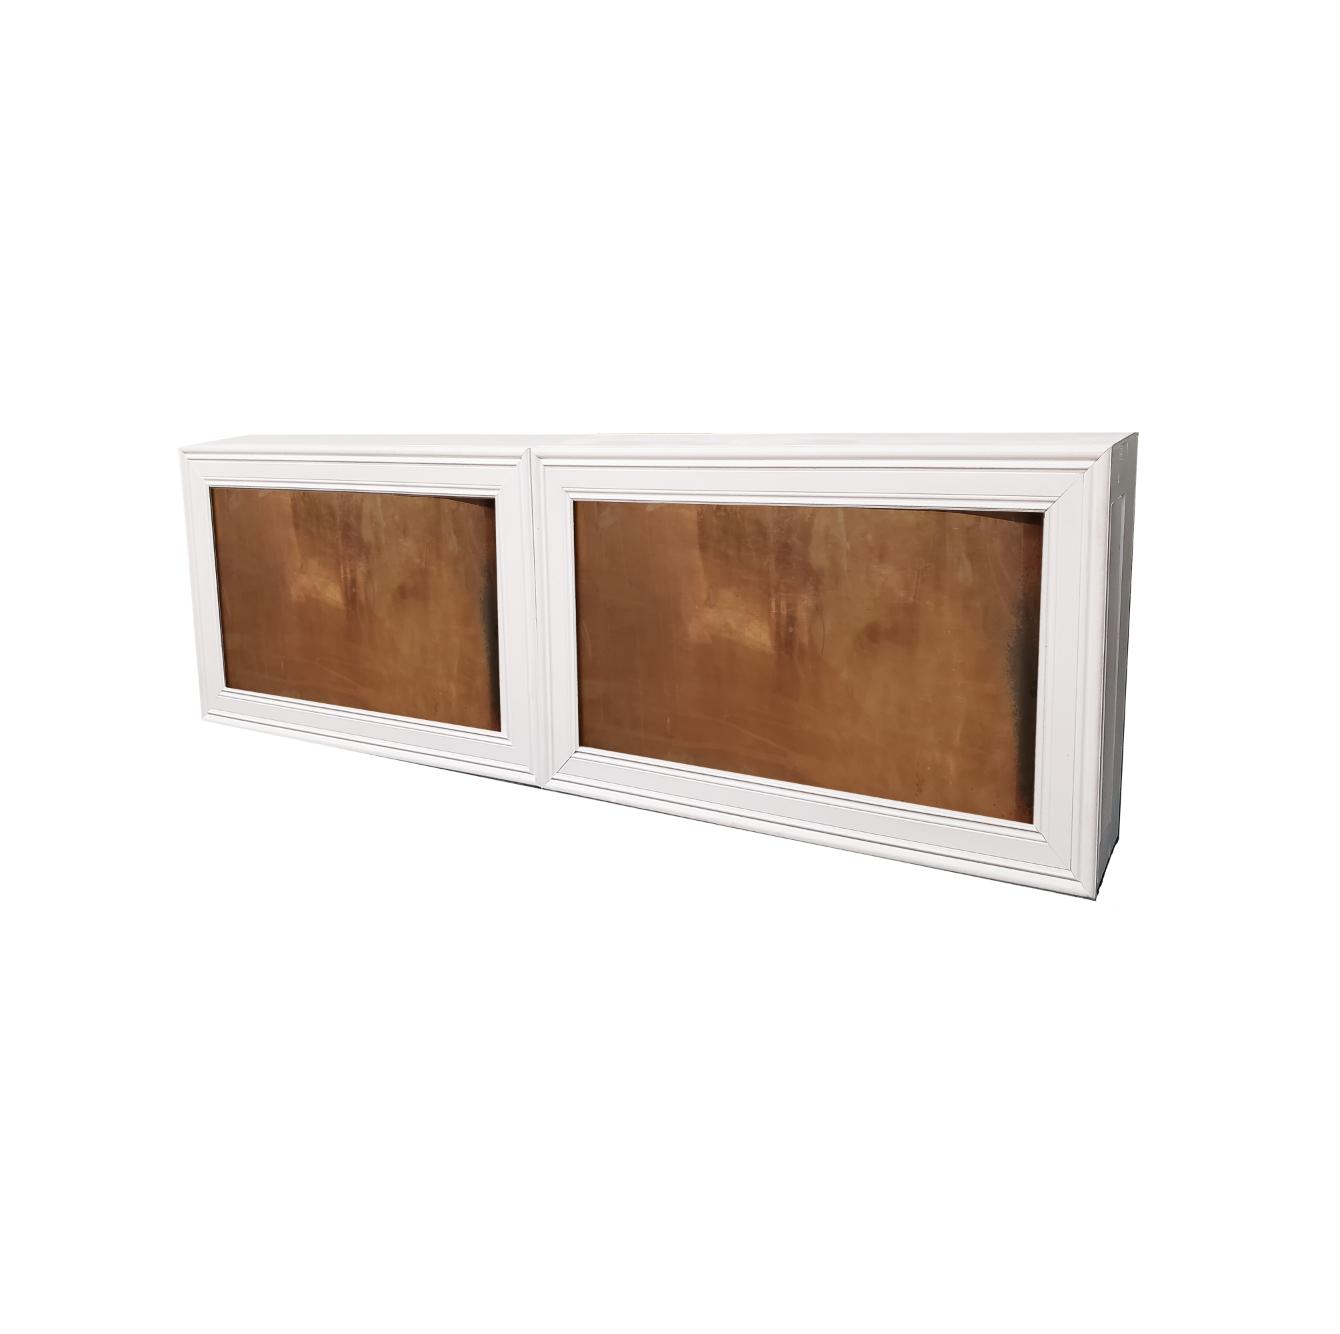 Double White Frame/Copper Insert $500